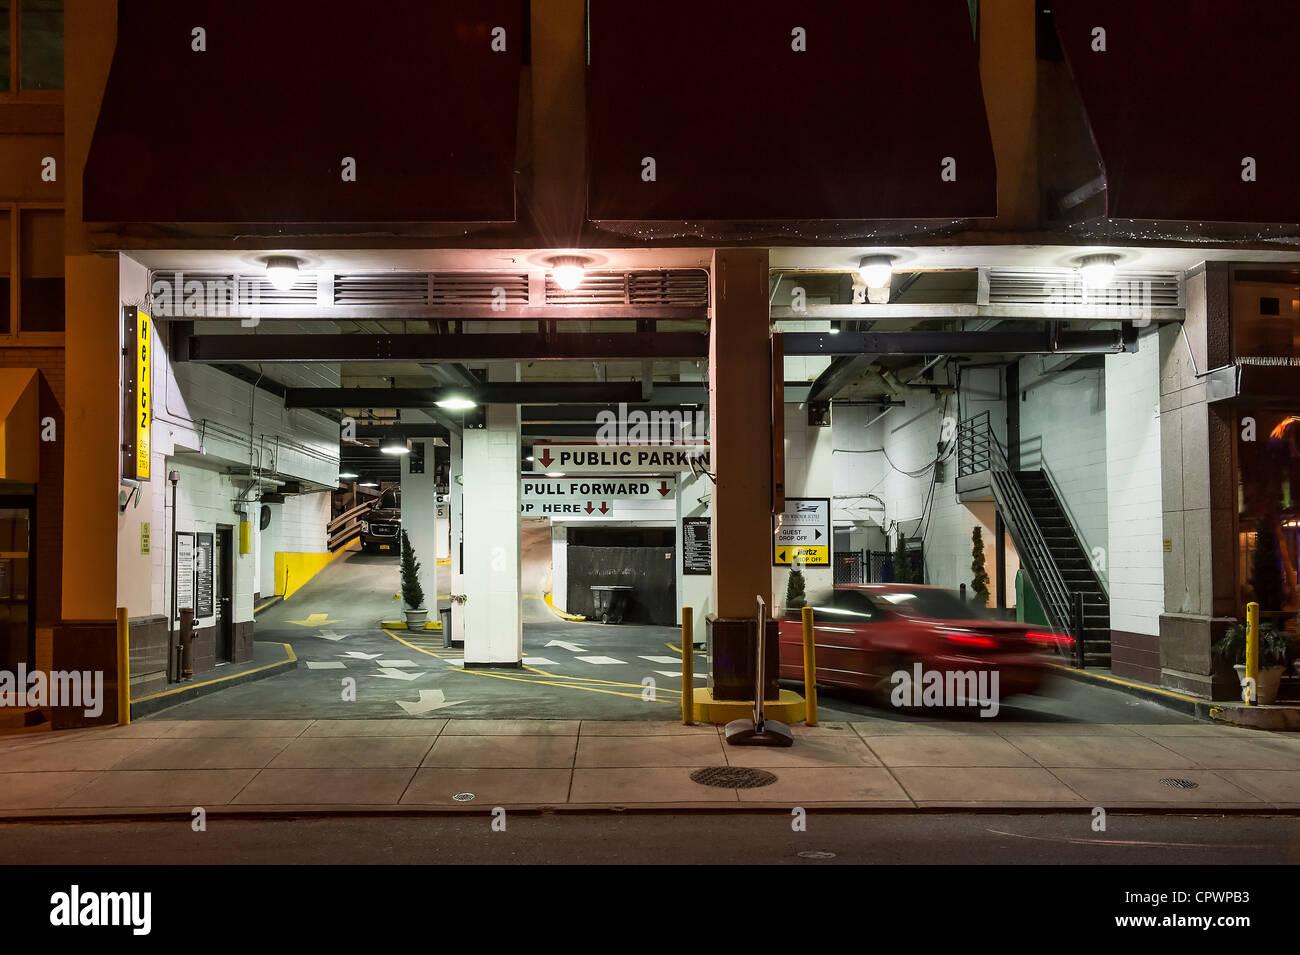 Urban parking garage. - Stock Image